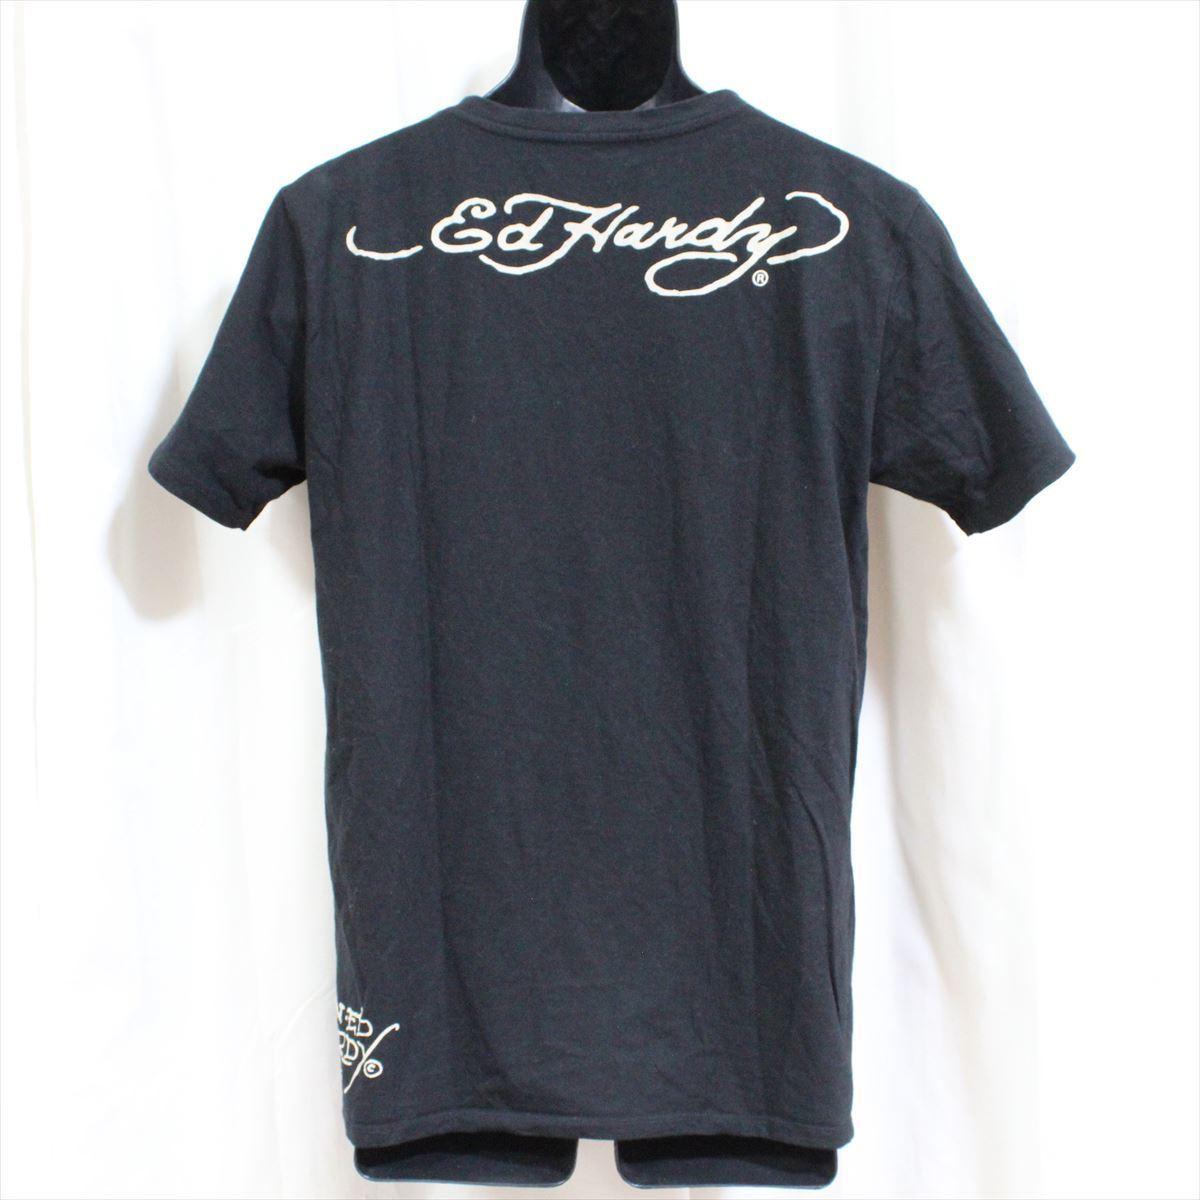 エドハーディー ED HARDY メンズ半袖VネックTシャツ ブラック Lサイズ 新品 黒_画像3